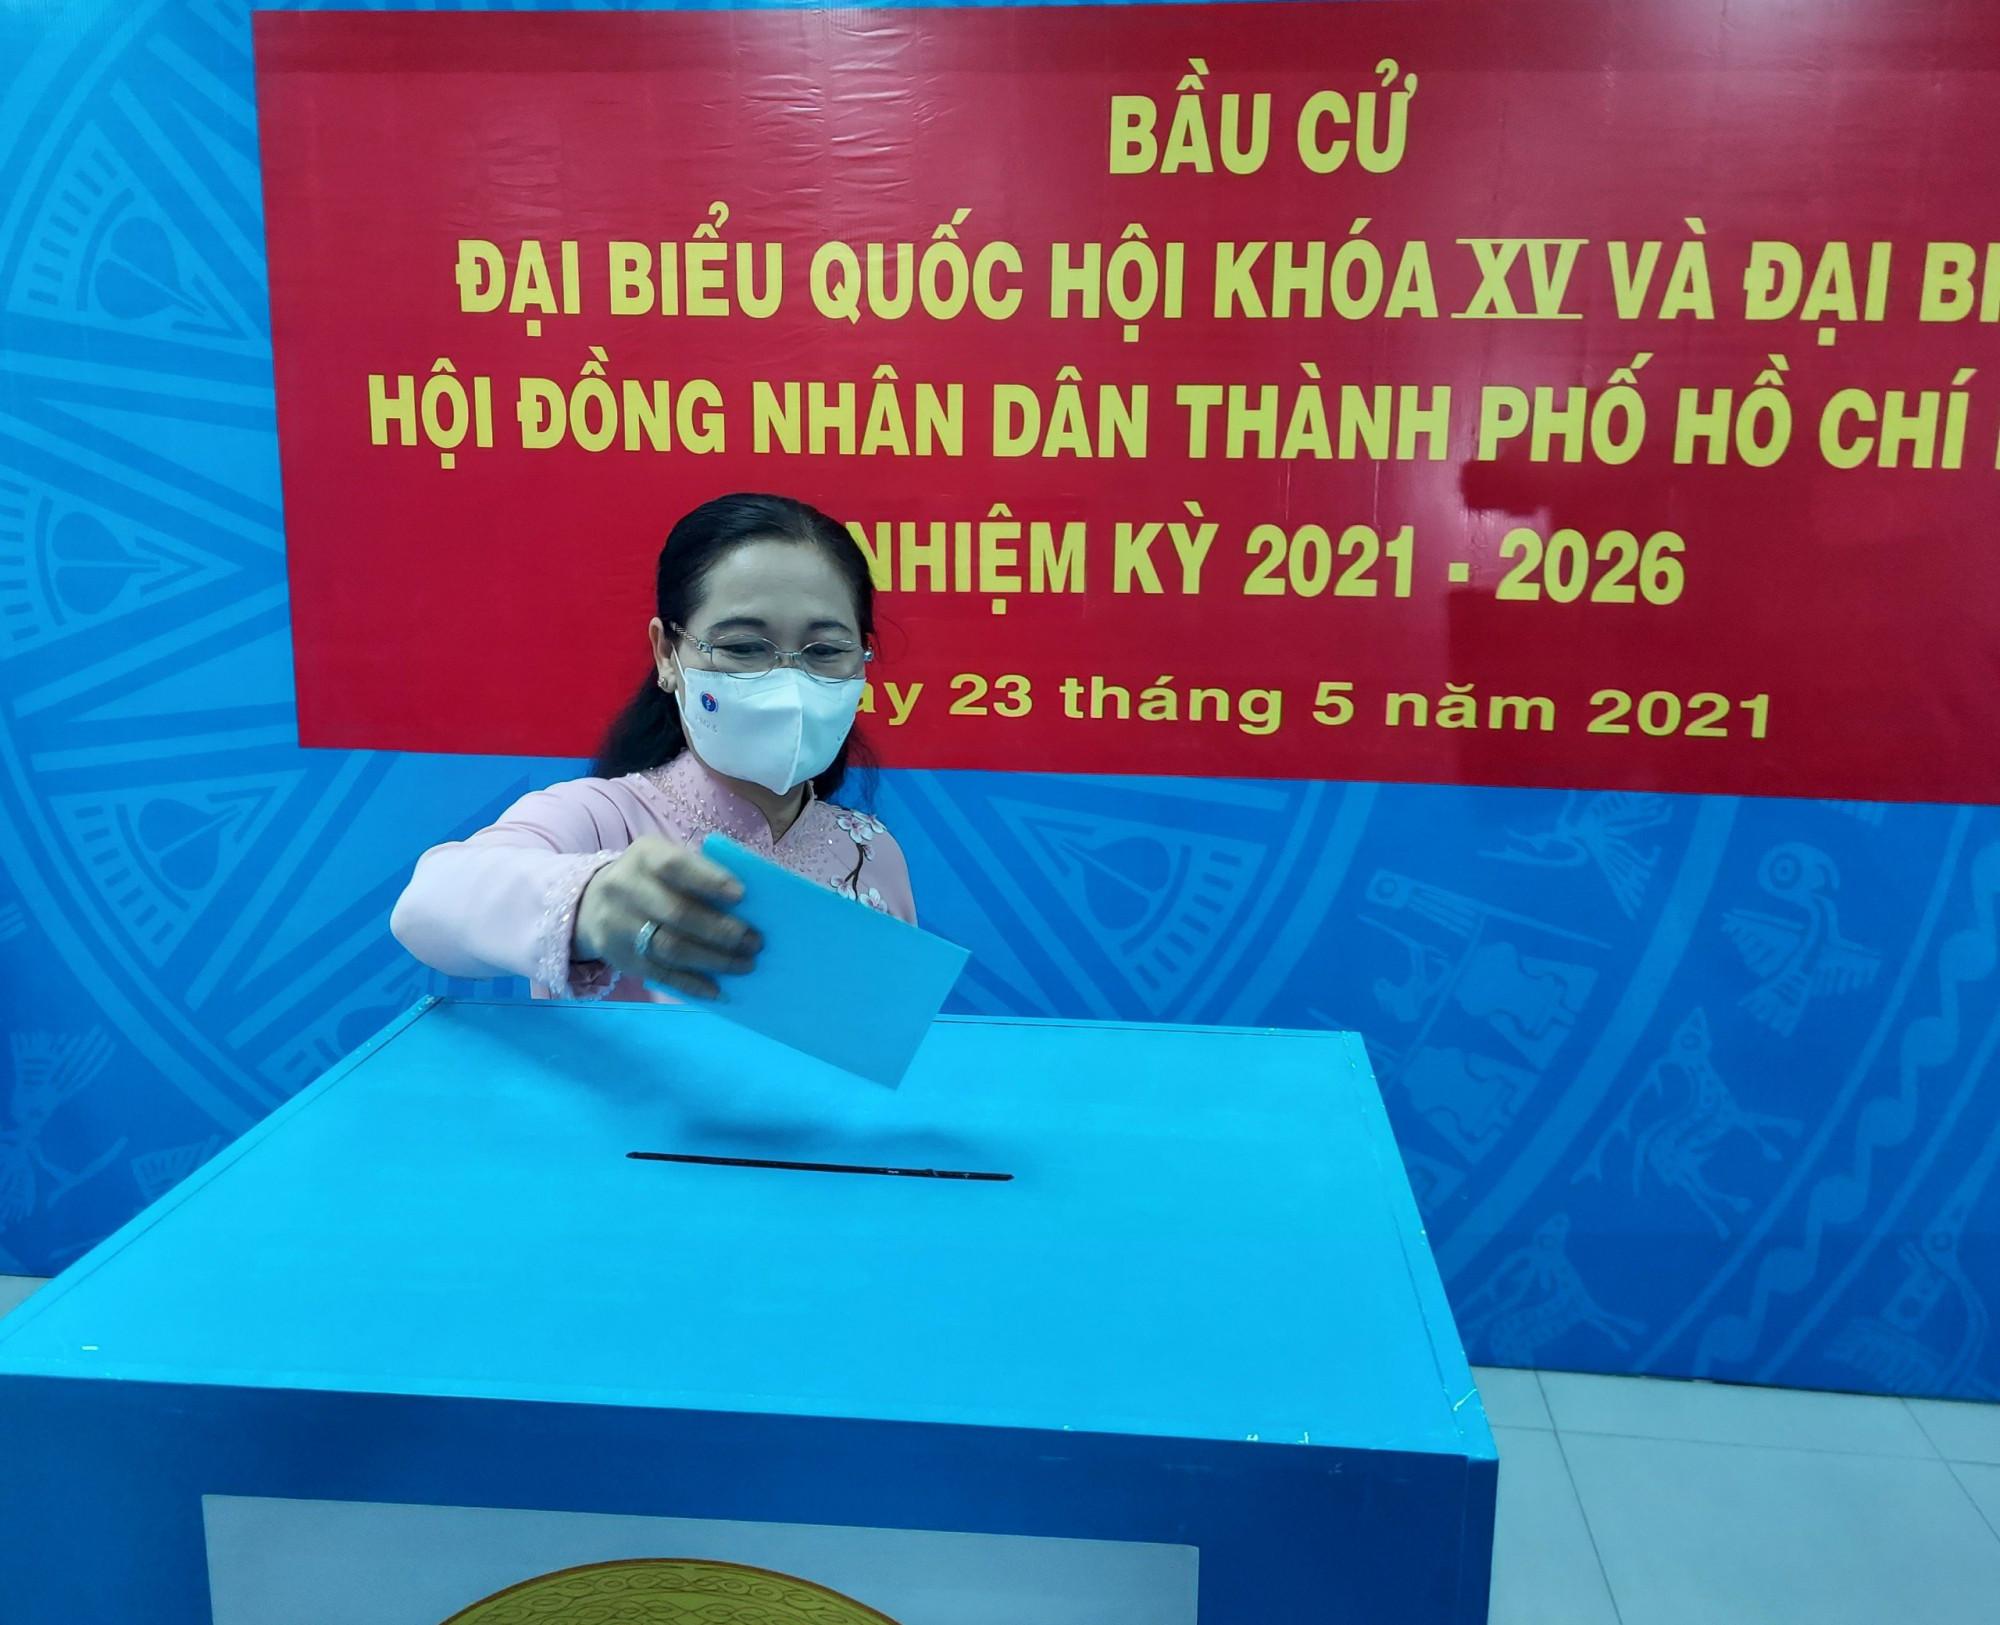 Phó Bí thư Thành ủy, Chủ tịch HĐND TPHCM Nguyễn Thị Lệ bỏ phiếu bầu cử